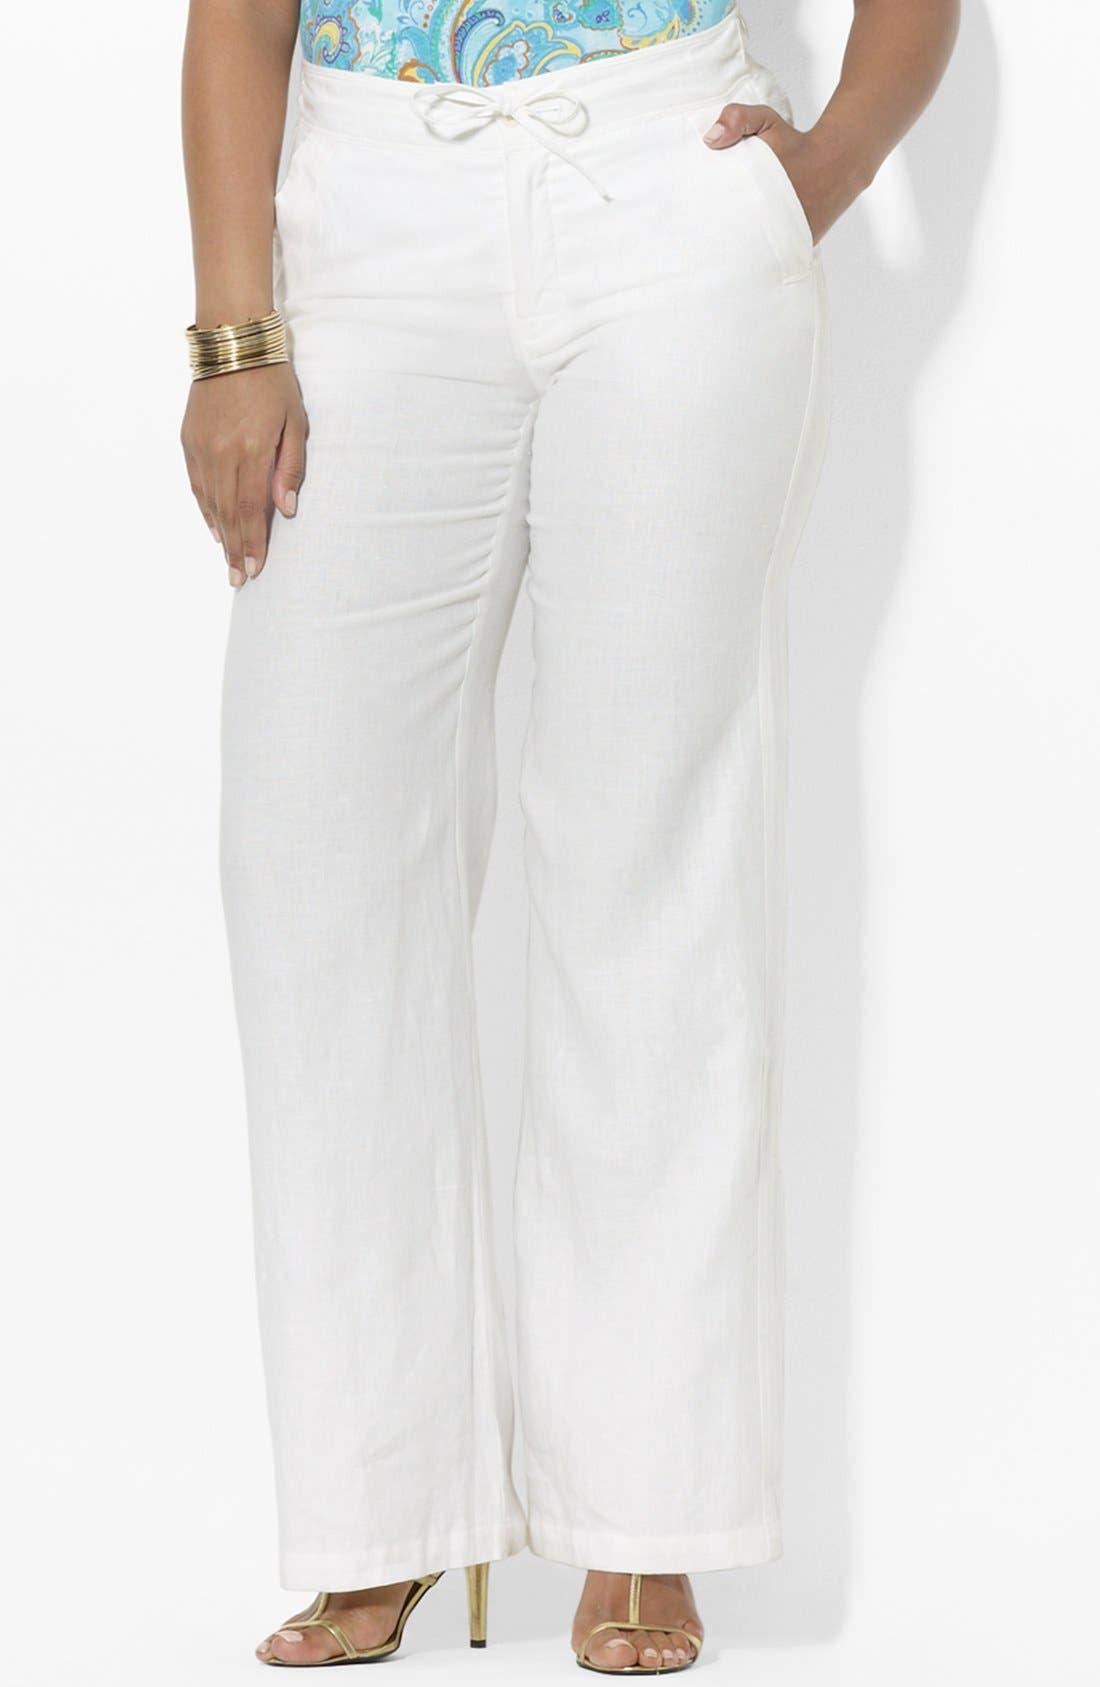 Alternate Image 1 Selected - Lauren Ralph Lauren Drawstring Linen Pants (Plus)